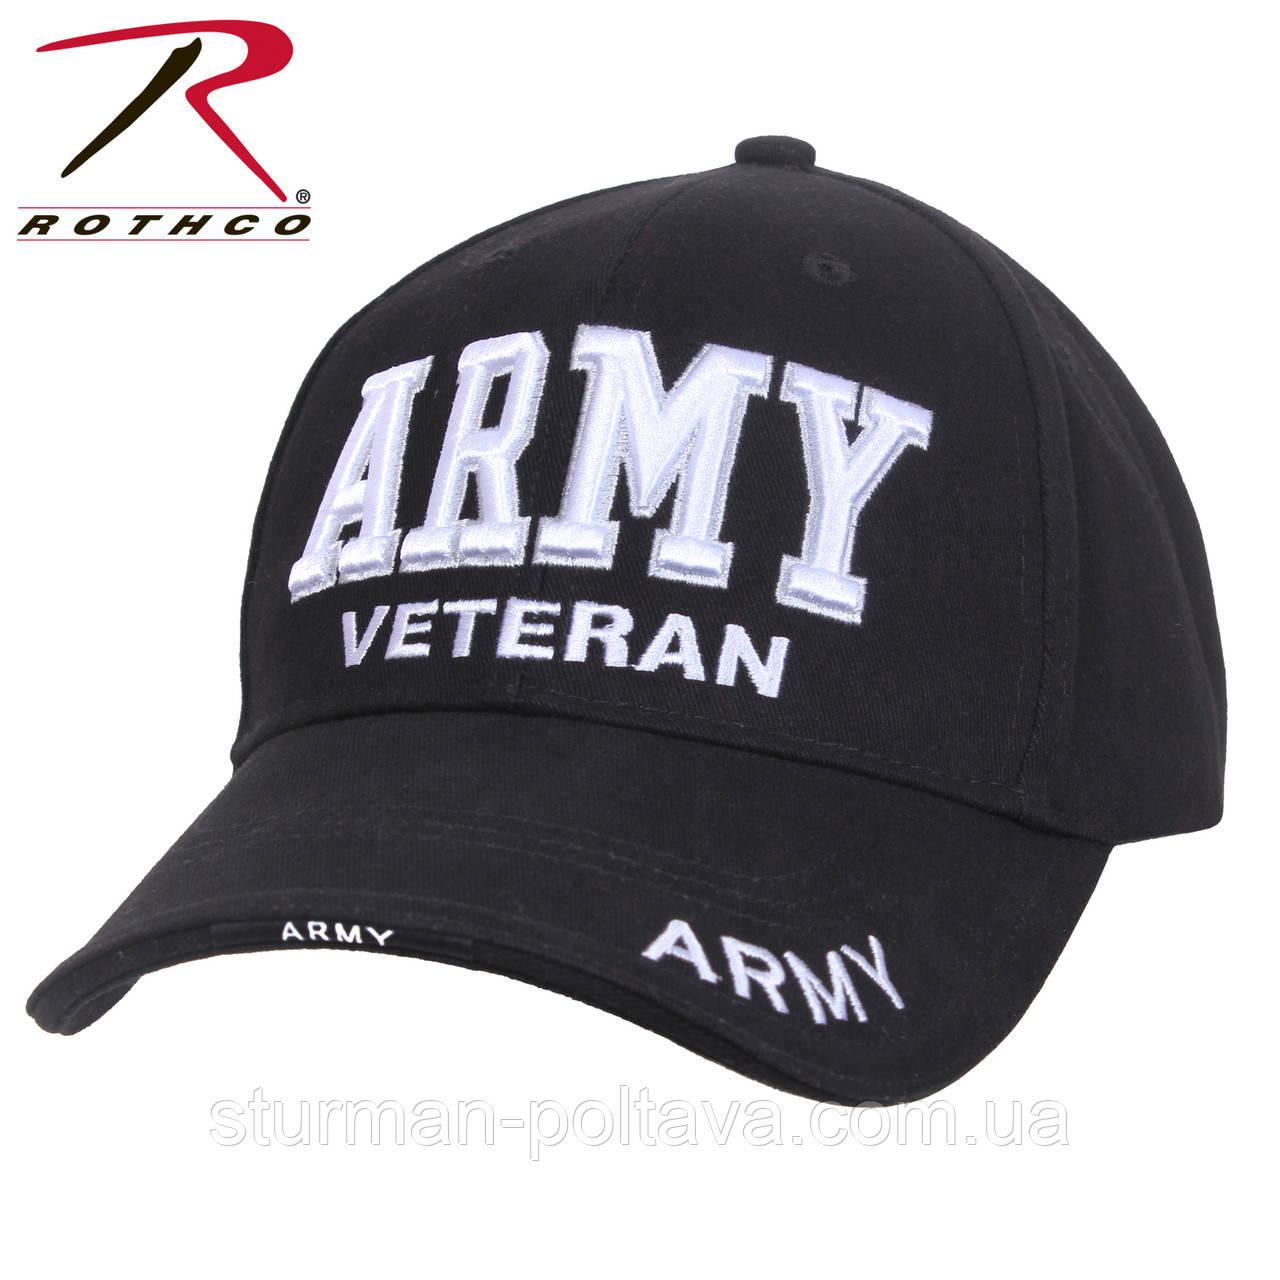 Бейсболка Rotcho  «Army Veteran» USA